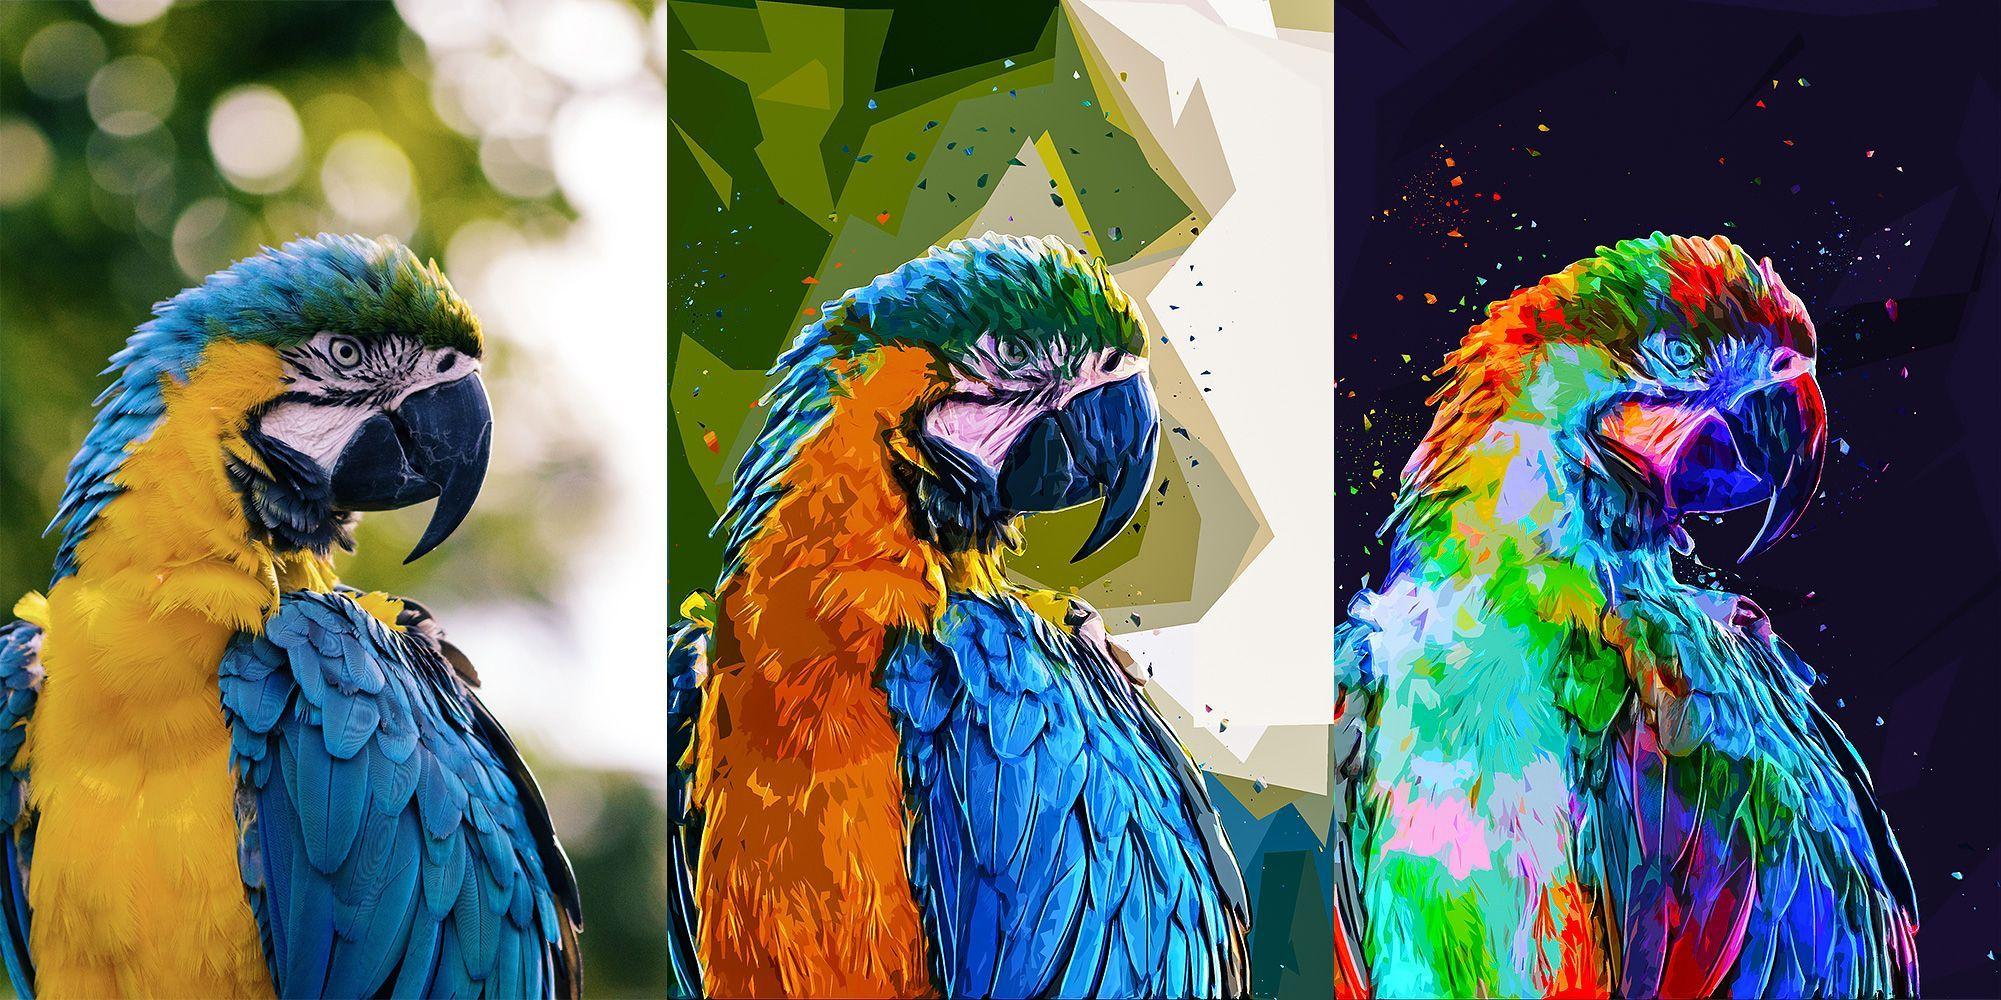 دانلود اکشن Lowpoly Photoshop Action تبدیل چند ضلعی